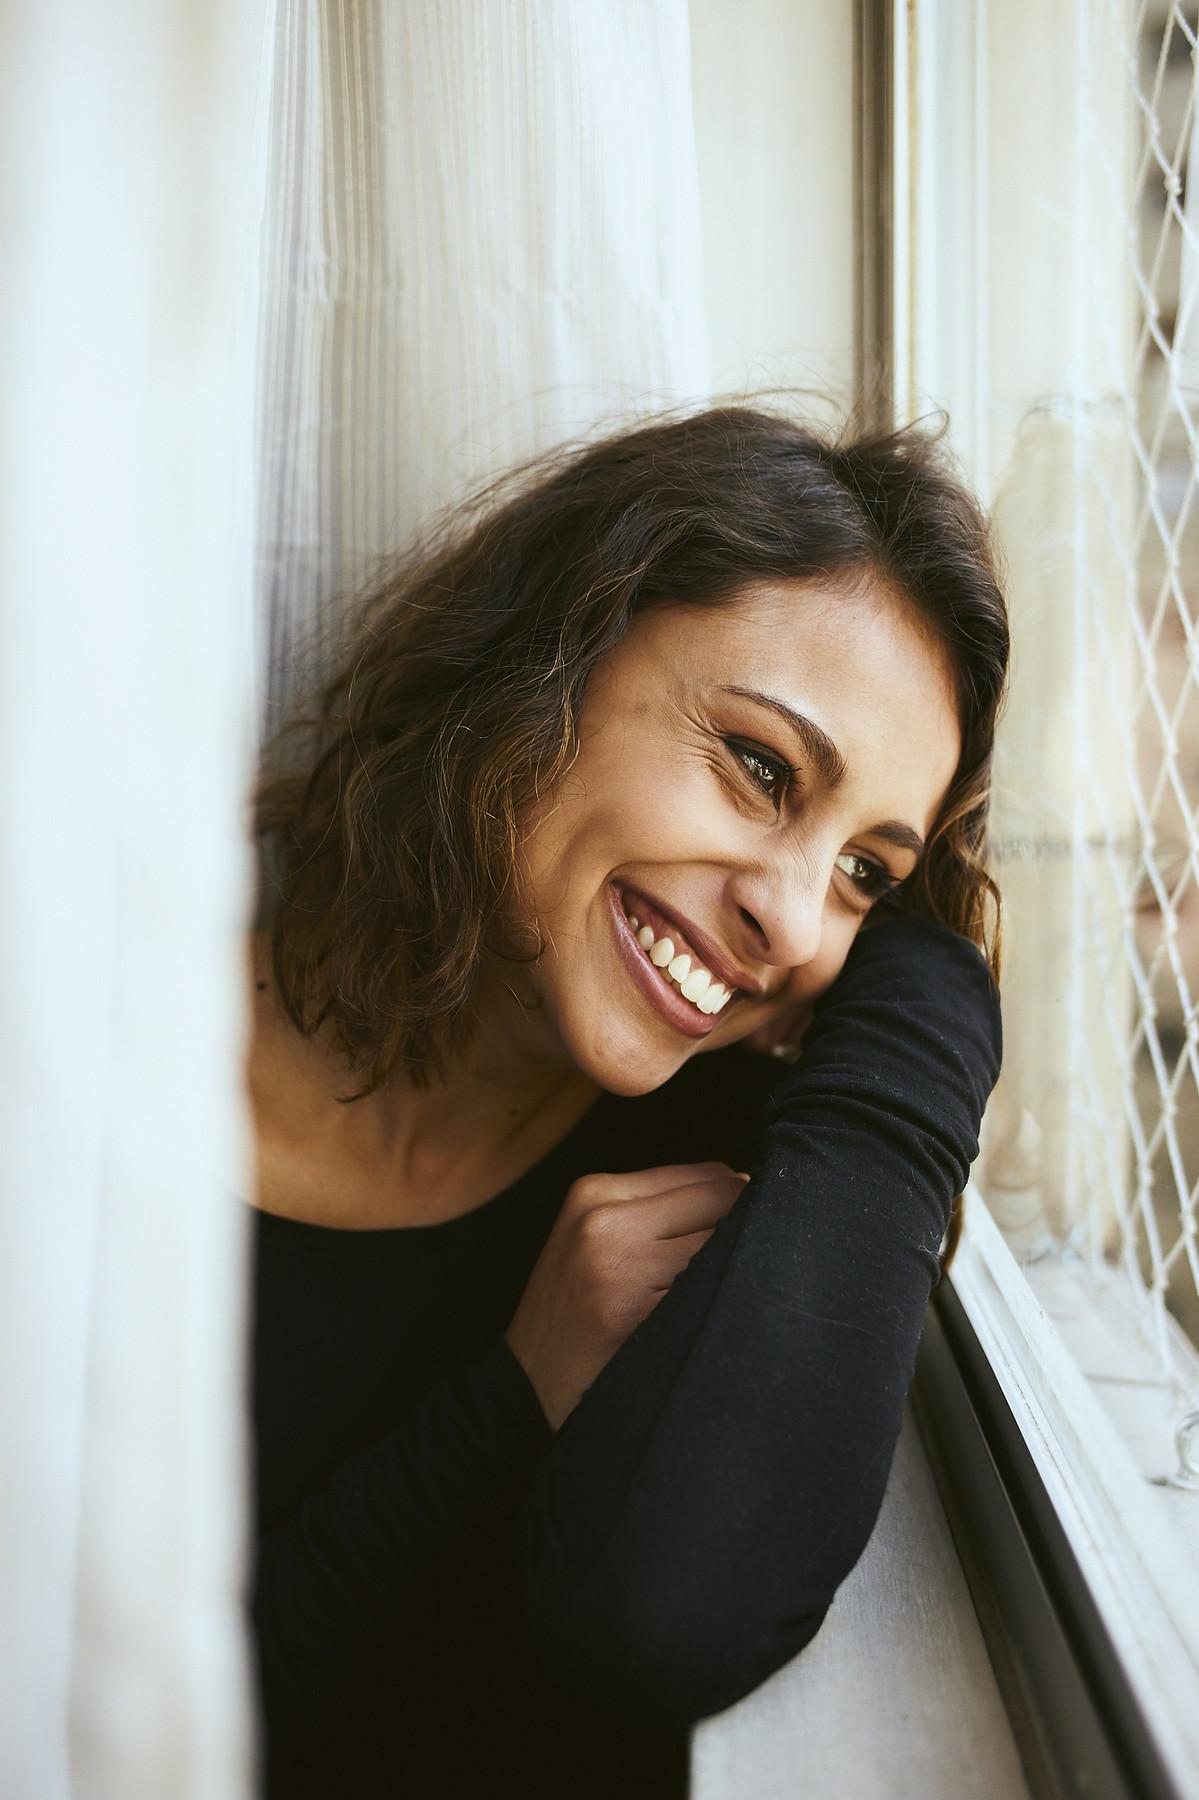 Sorriso da Andry, contra a janela e levemente ocultada por uma cortina, em click do fotógrafo Jon K. Roz